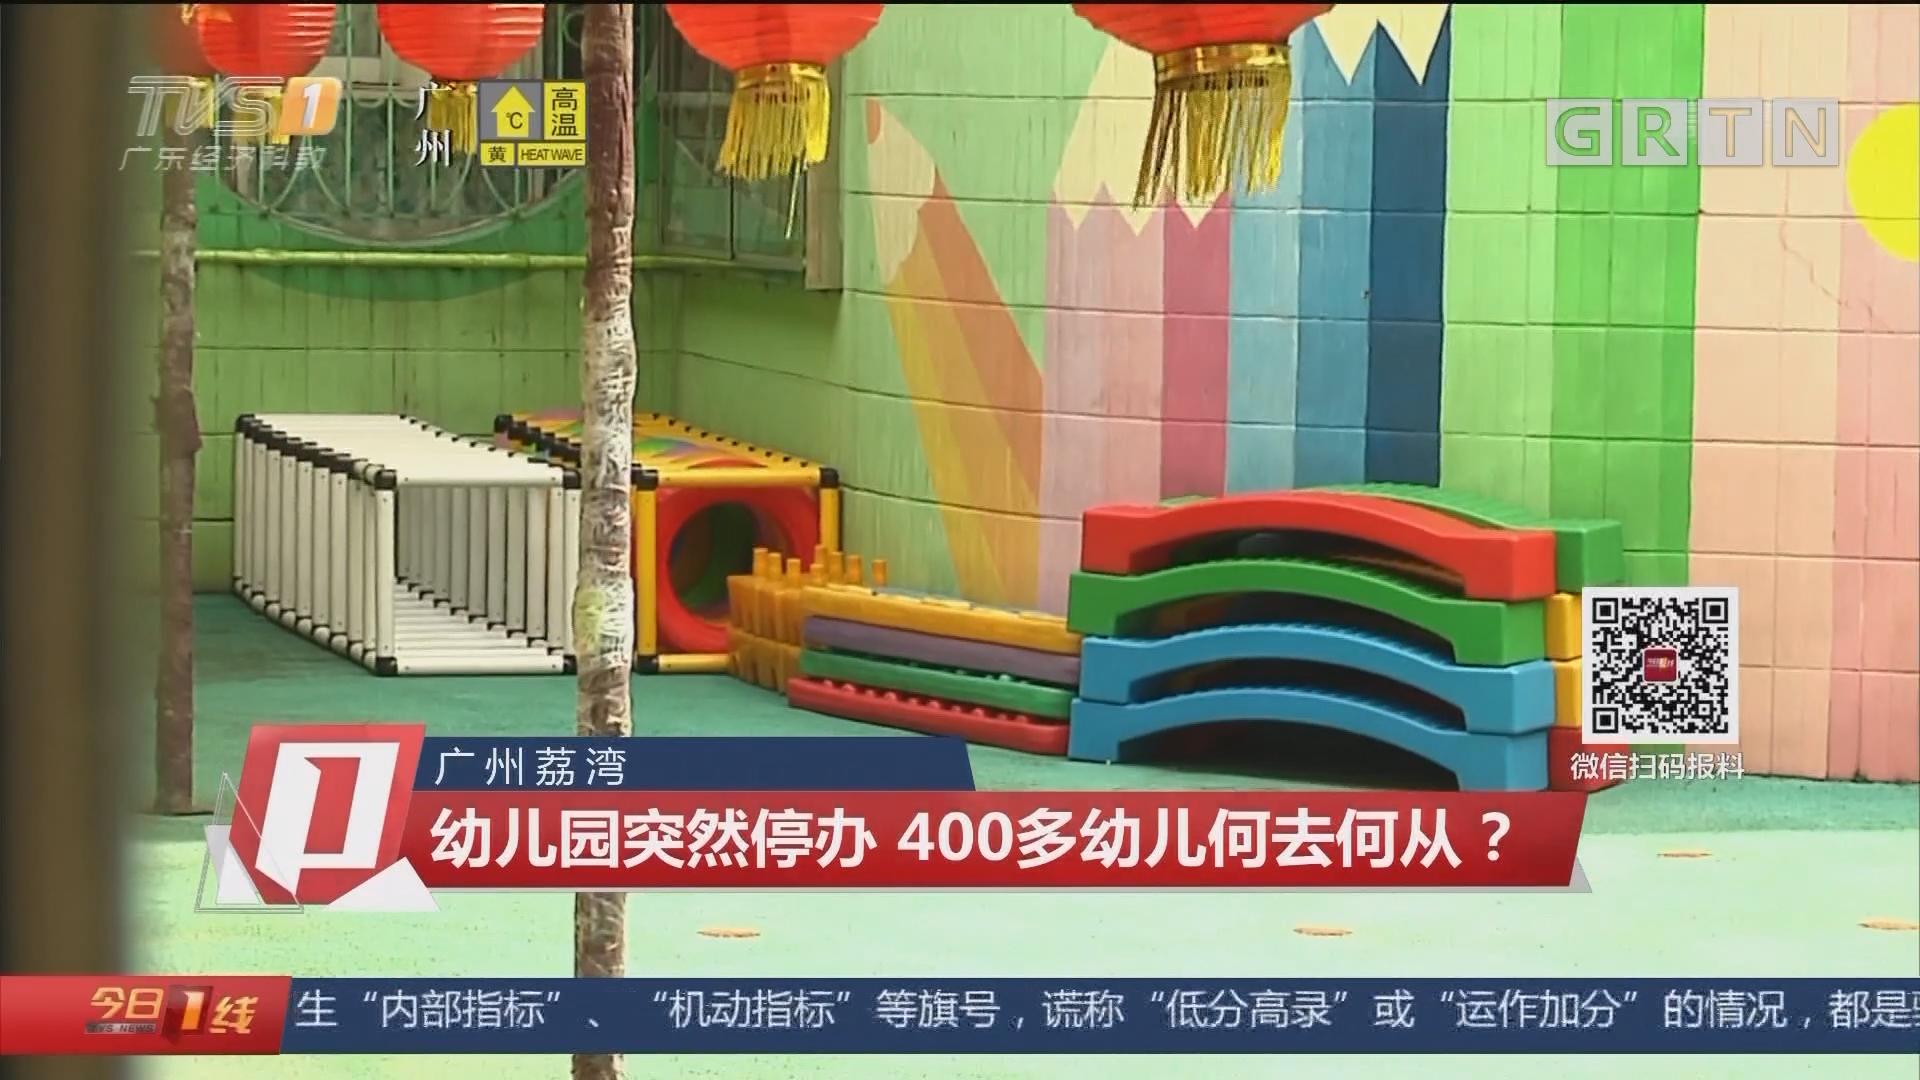 广州荔湾:幼儿园突然停办 400多幼儿何去何从?